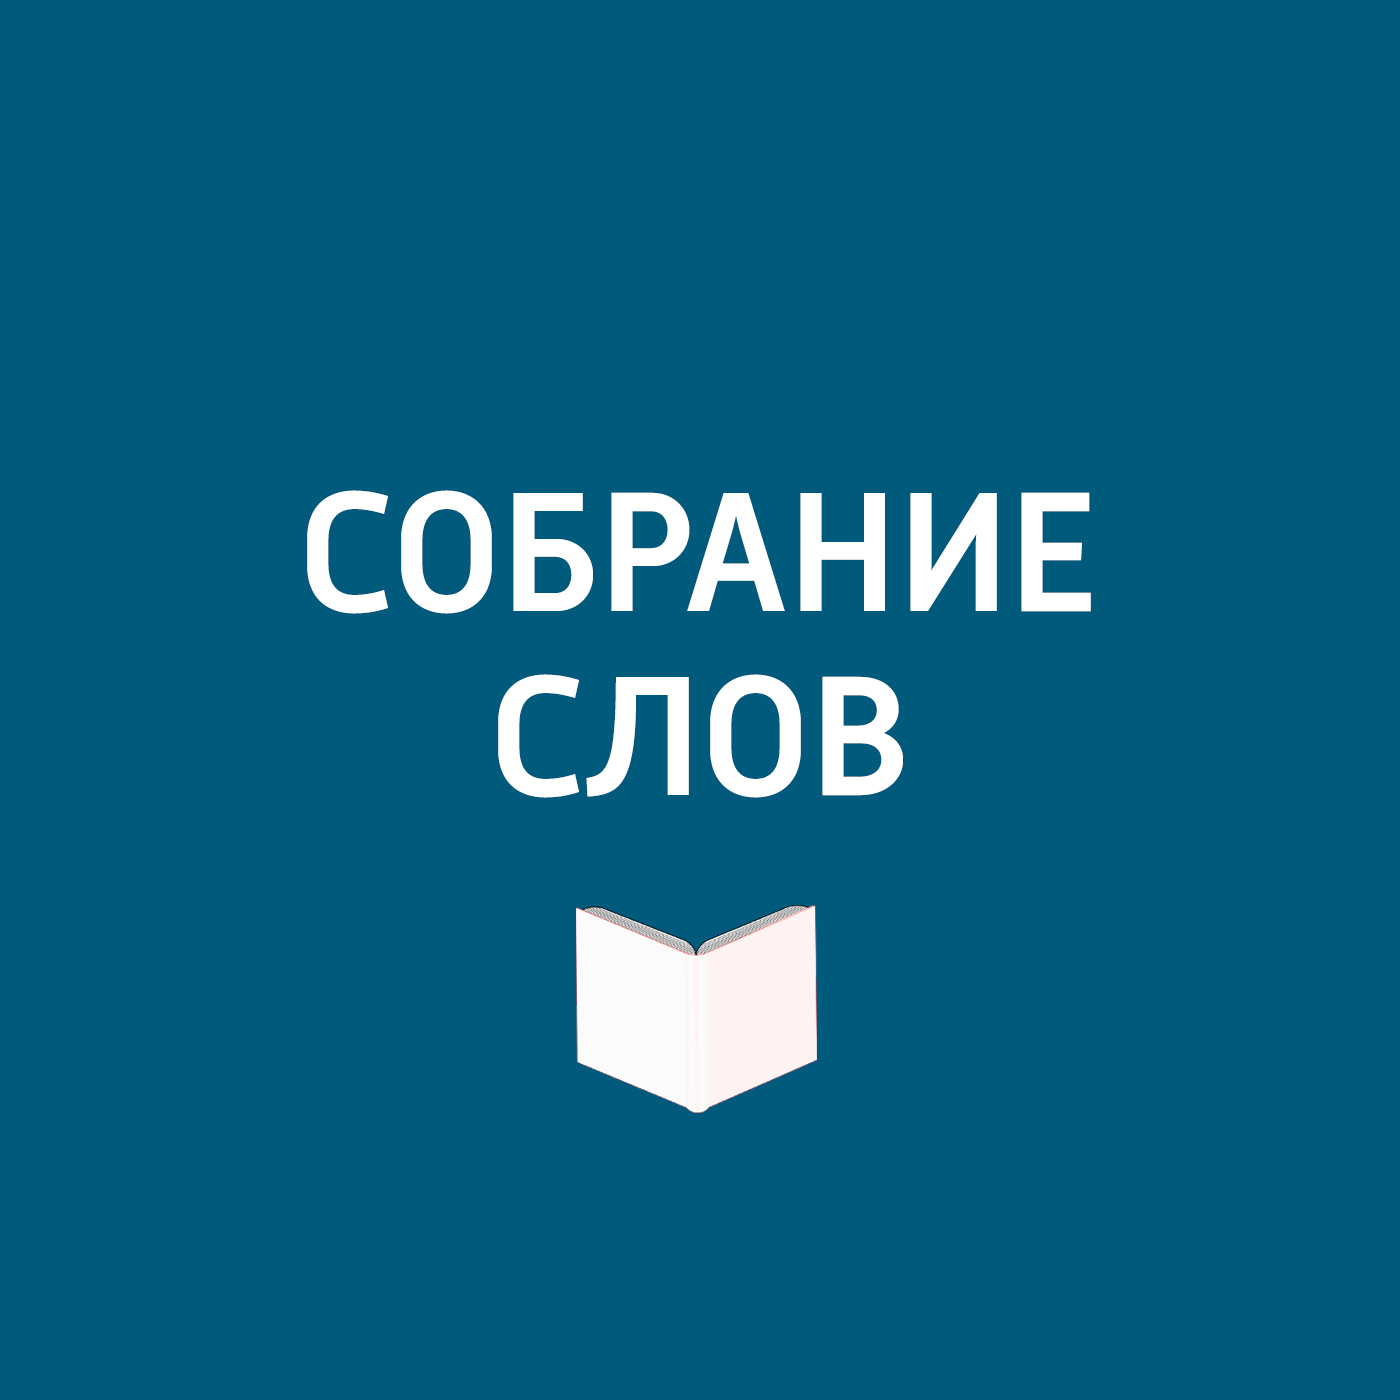 Творческий коллектив программы «Собрание слов» Большое интервью Игоря Шайтанова александр веселовский избранное историческая поэтика